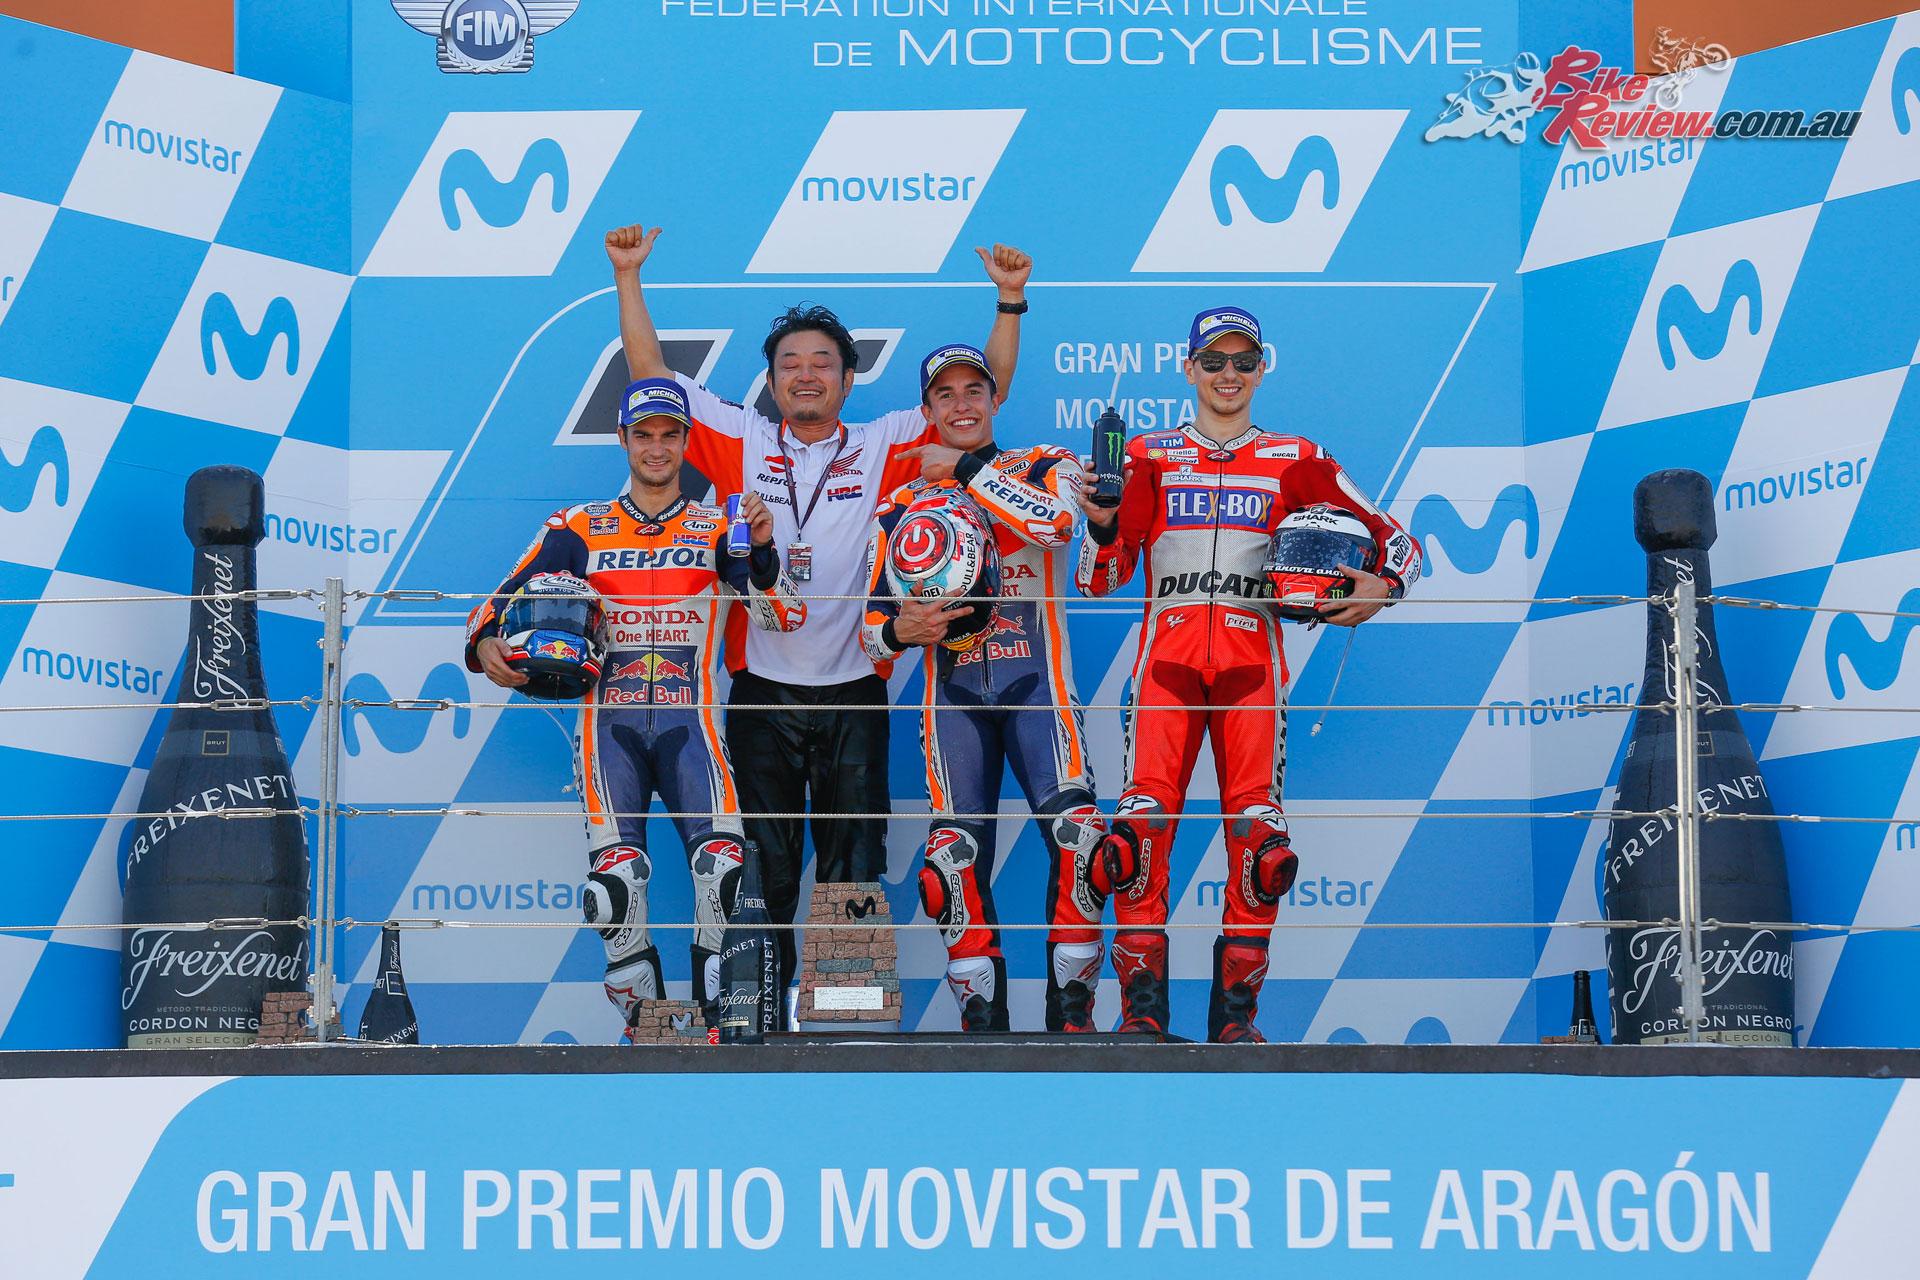 MotoGP Podium - Aragon 2017